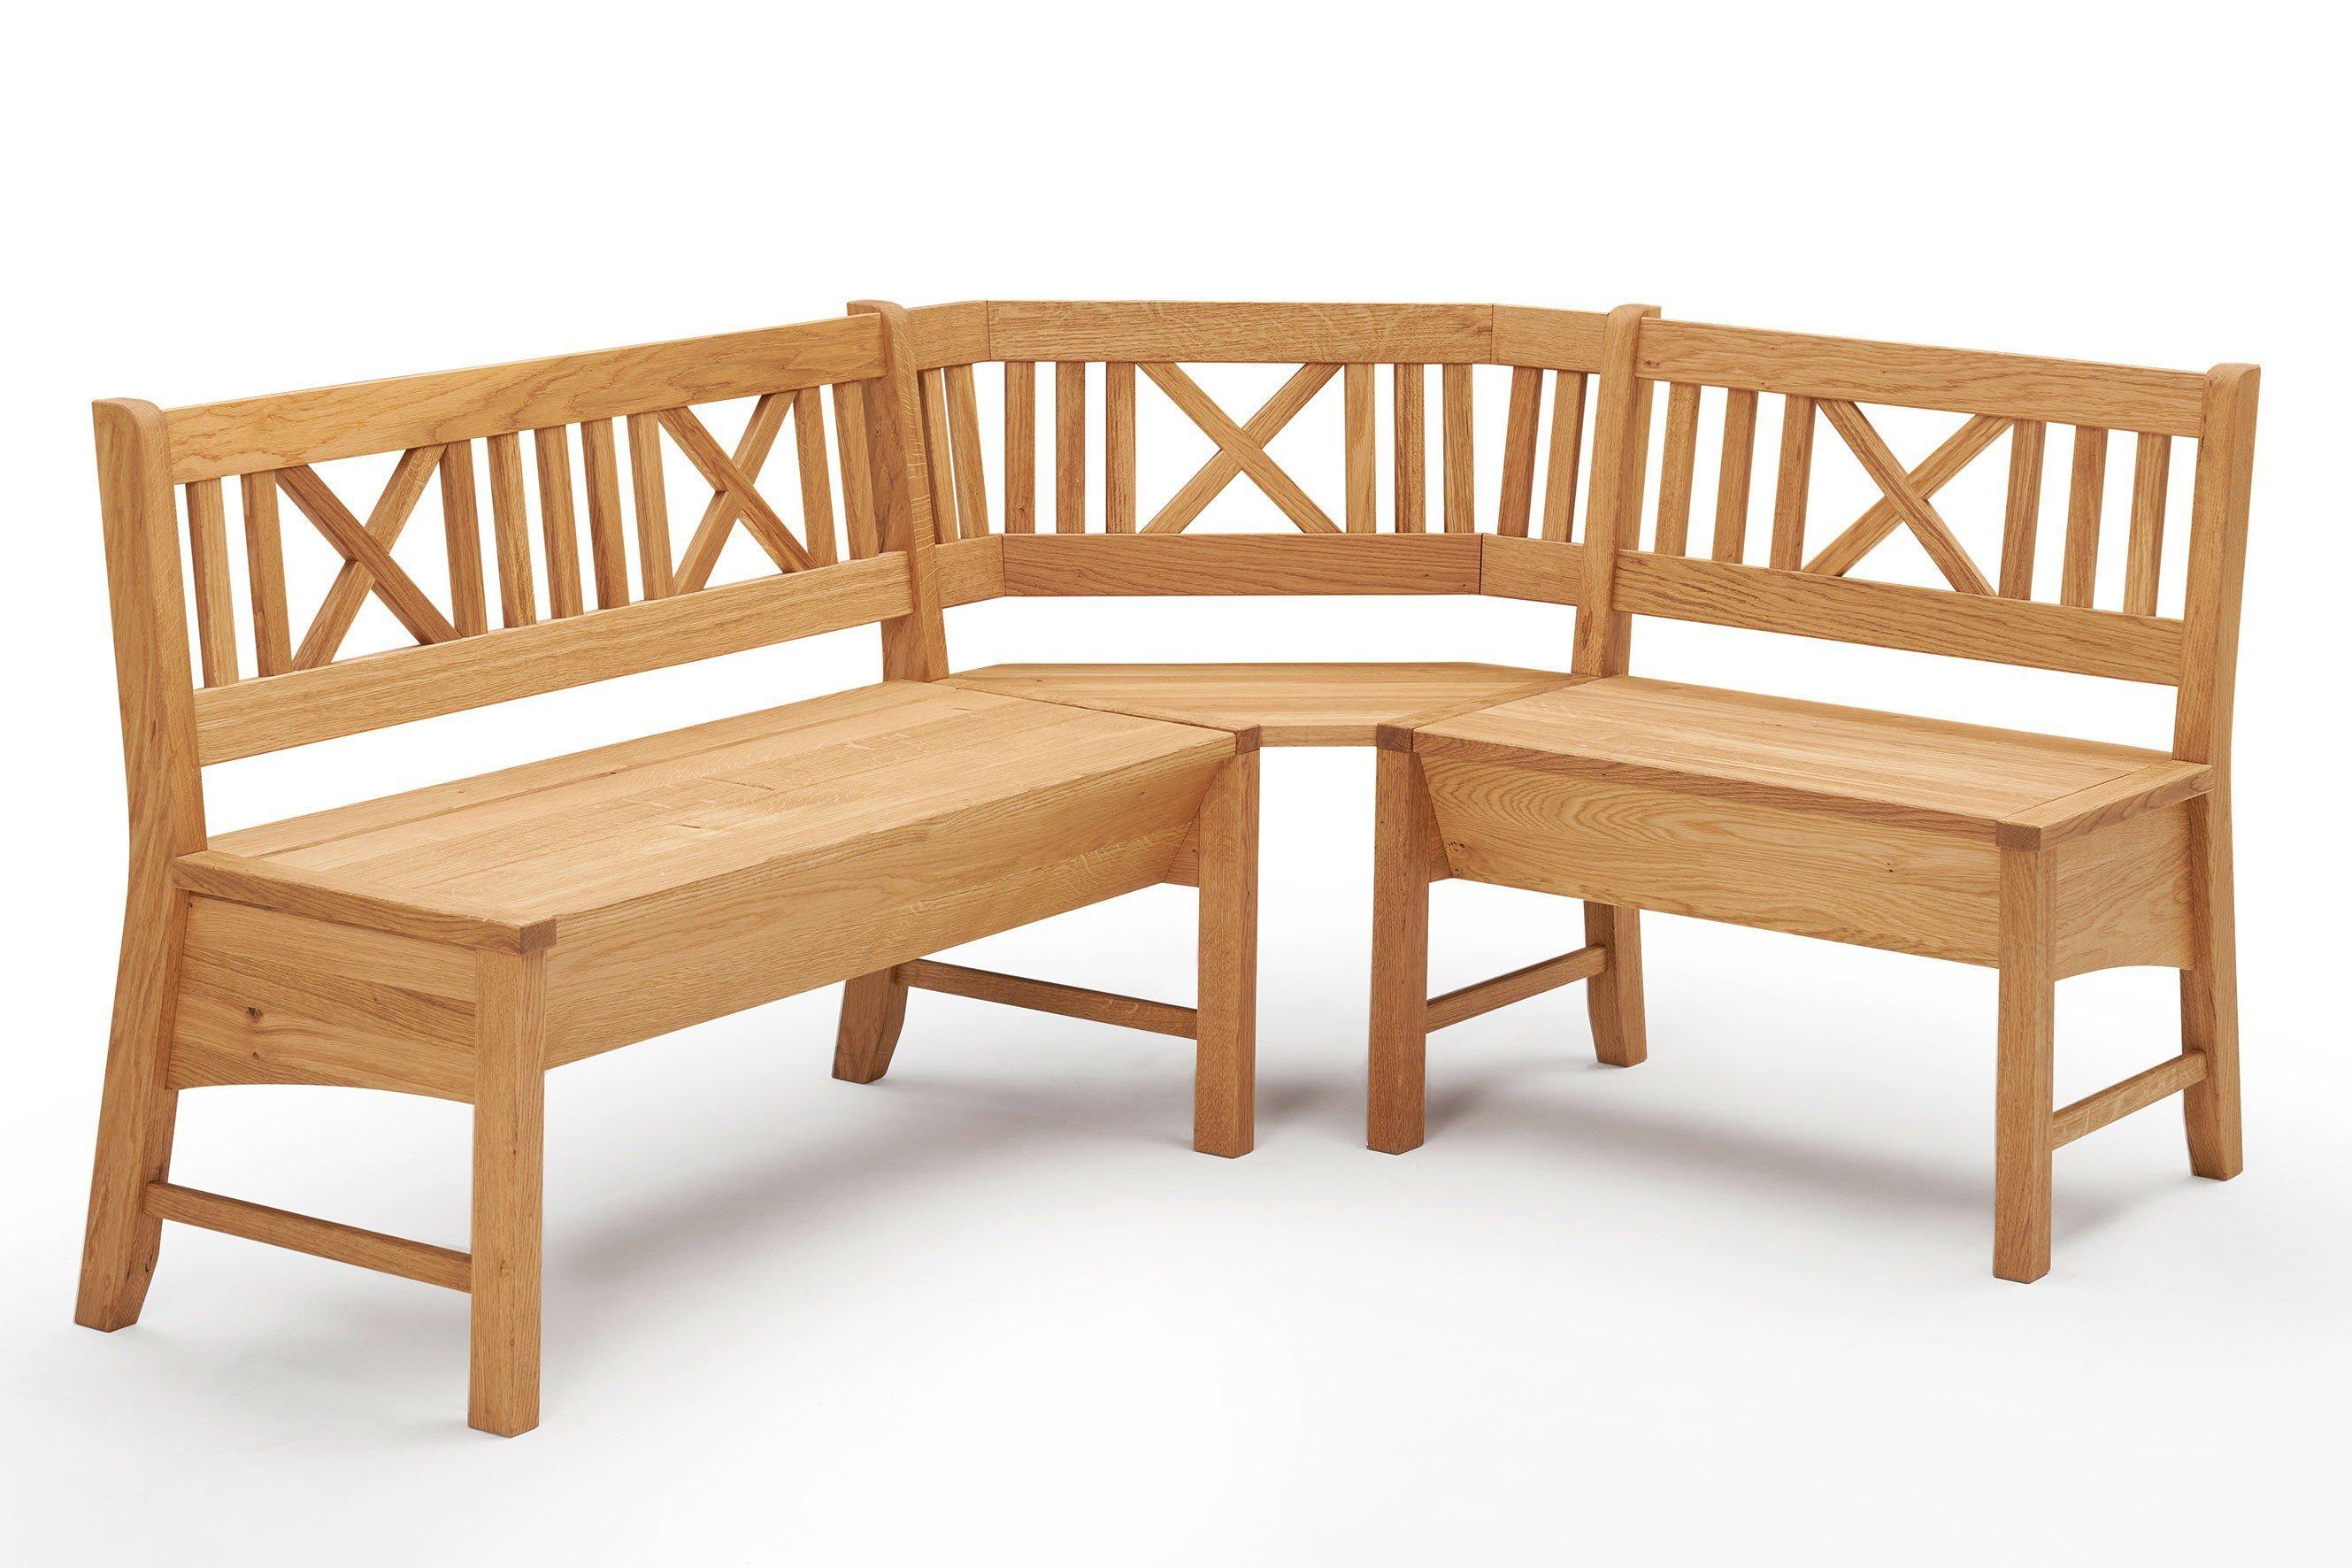 sch sswender eckbank k nigsee wildeiche massiv m bel. Black Bedroom Furniture Sets. Home Design Ideas